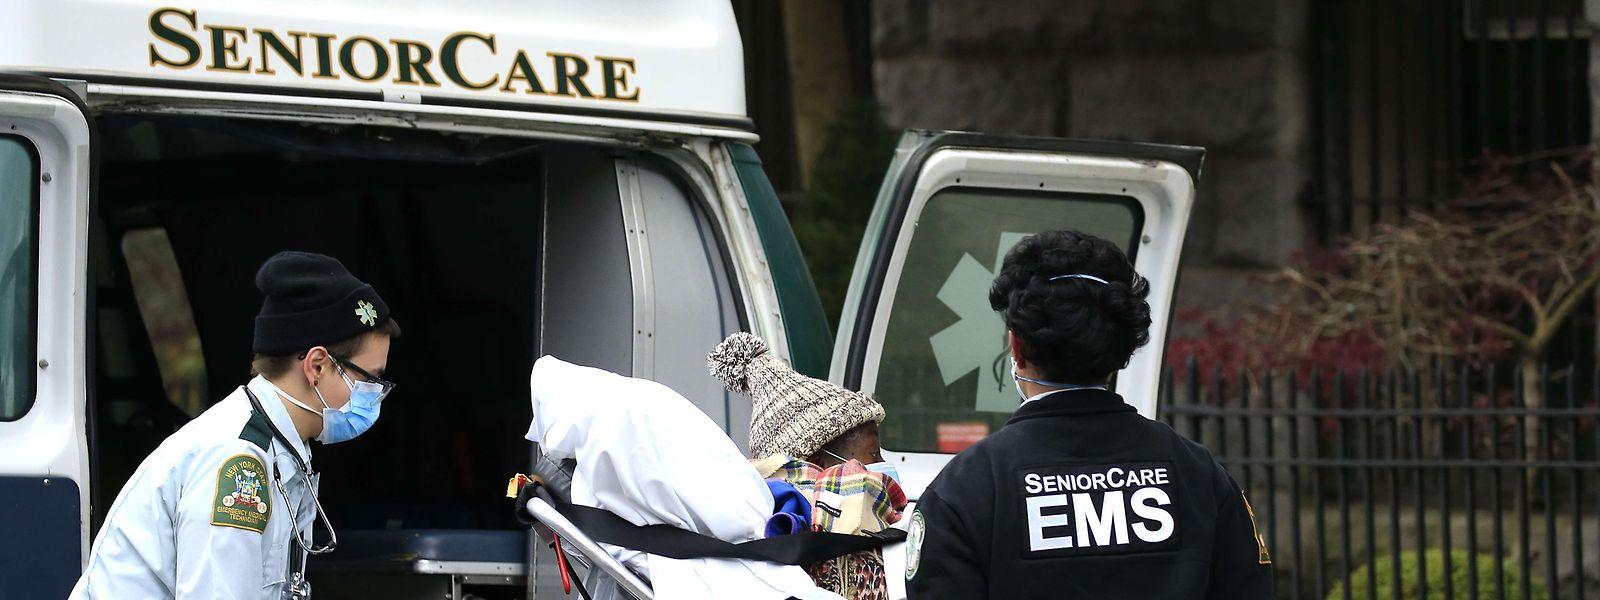 Im Seniorenheim Andover vor den Toren New Yorks wütete das Corona-Virus besonders heftig. Traurige, vorläufige Bilanz: 70 Tote und Dutzende Neuinfektionen unter den 420 Bewohnern und dem Pflegepersonal. Bis heute gibt es in dem Heim keine ausreichende Zahl an Masken oder Schutzkleidung.